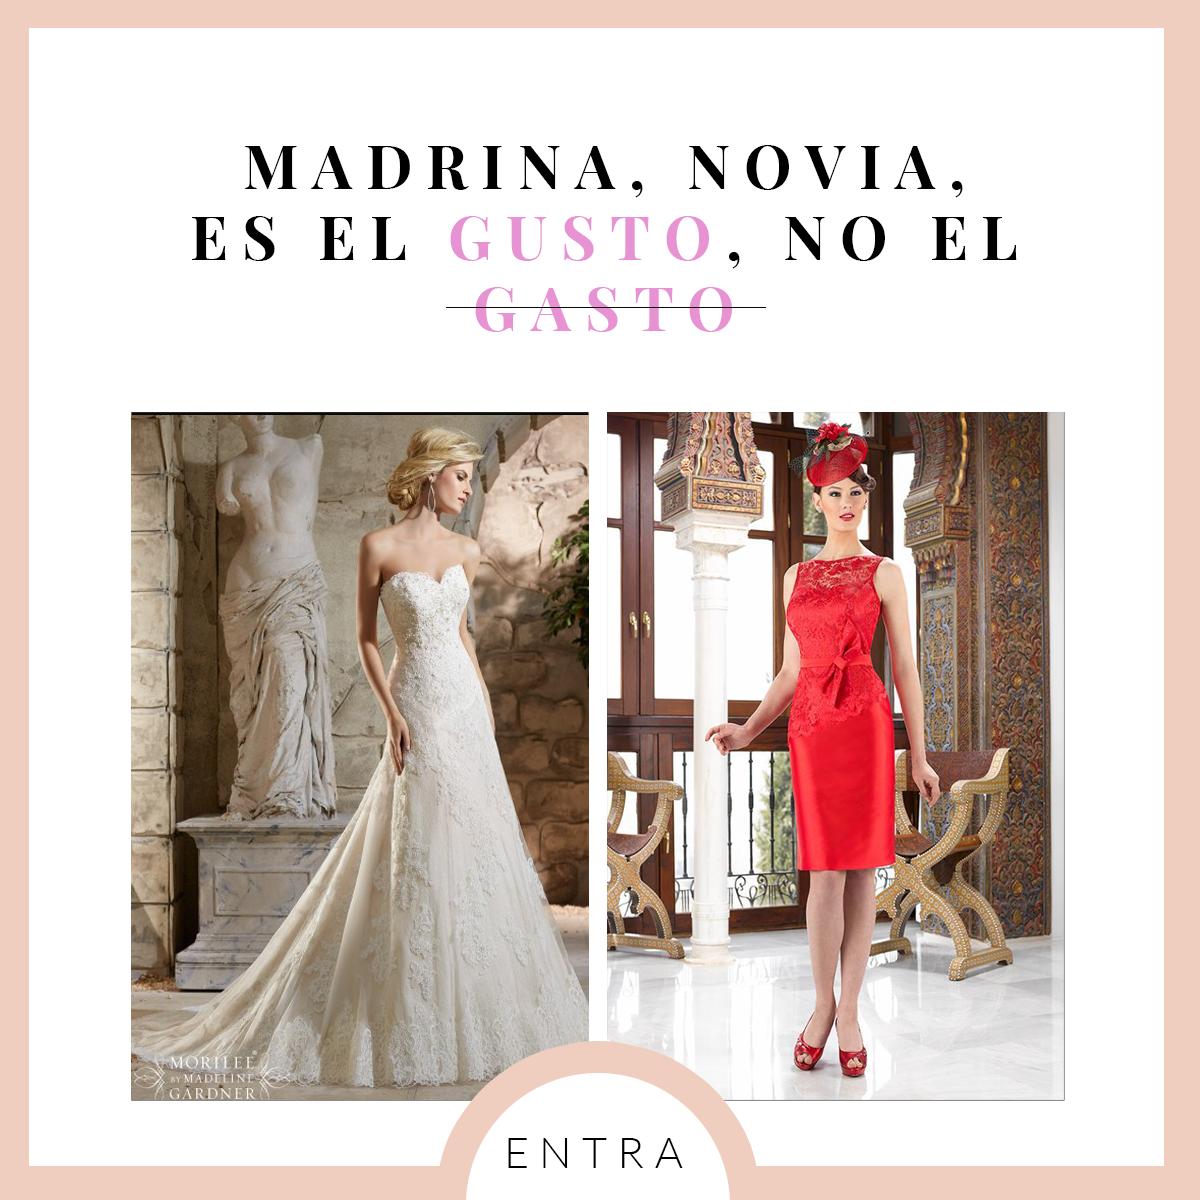 Madrina, Novia, es el Gusto, no el Gasto. Tienda de vestidos de novia